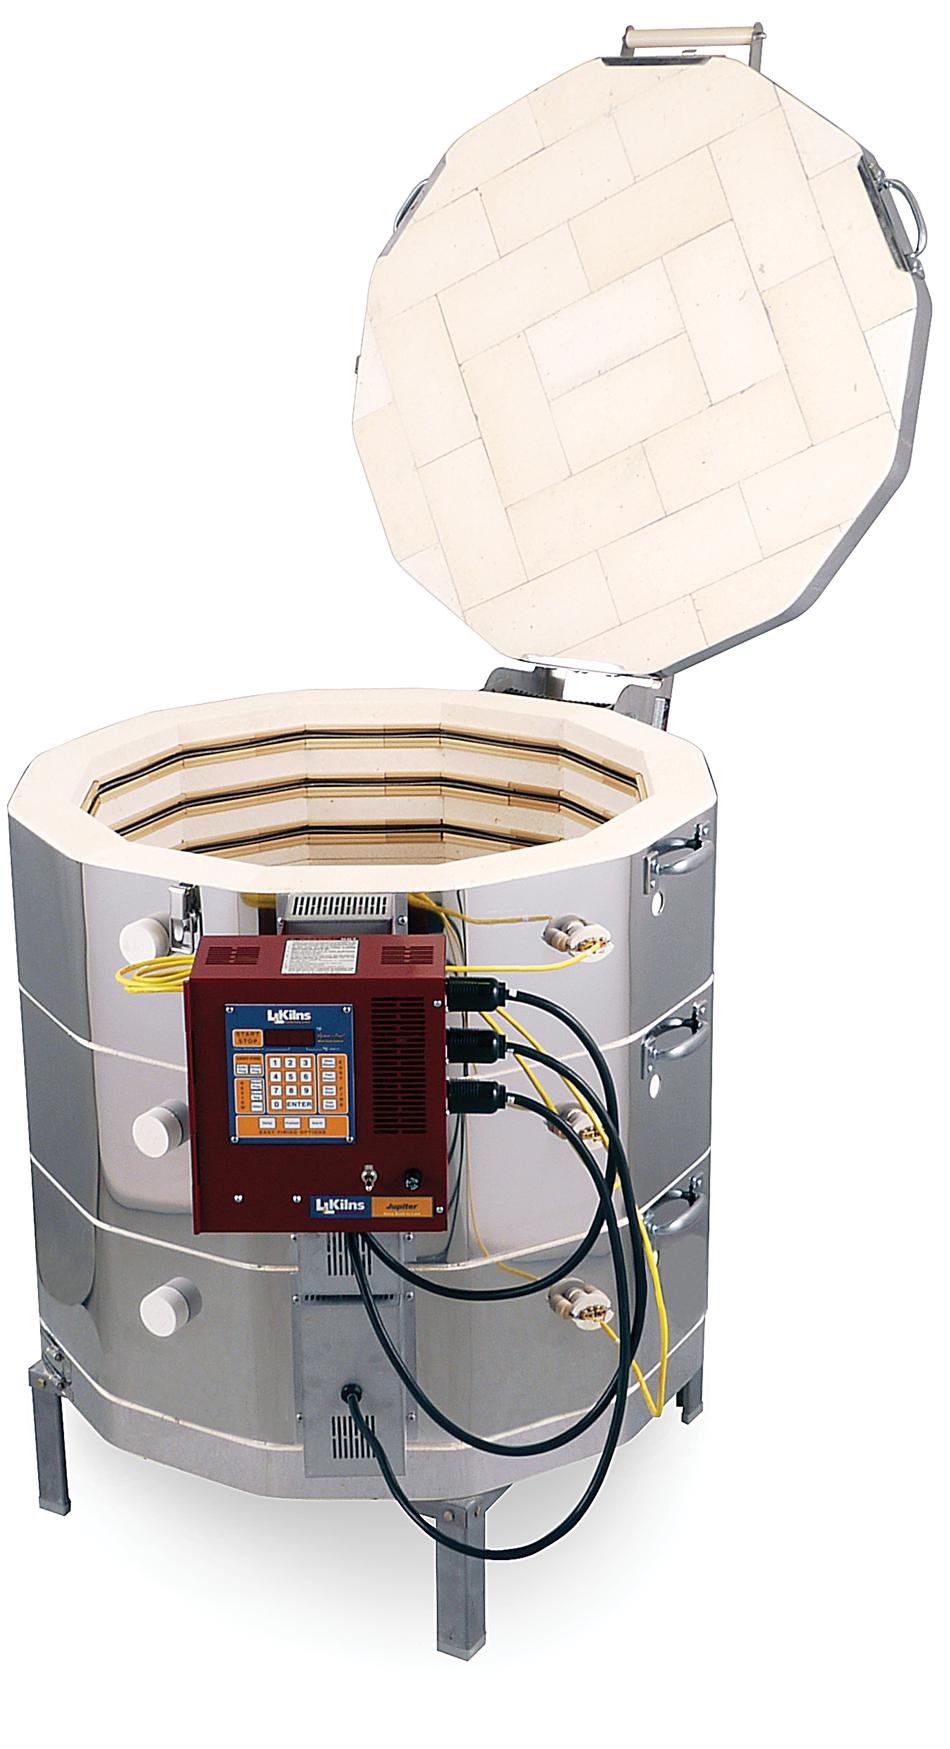 Electric Kiln Wiring Best Secret Diagram Pid L Kilns Electrical Schematic Firing Schedule